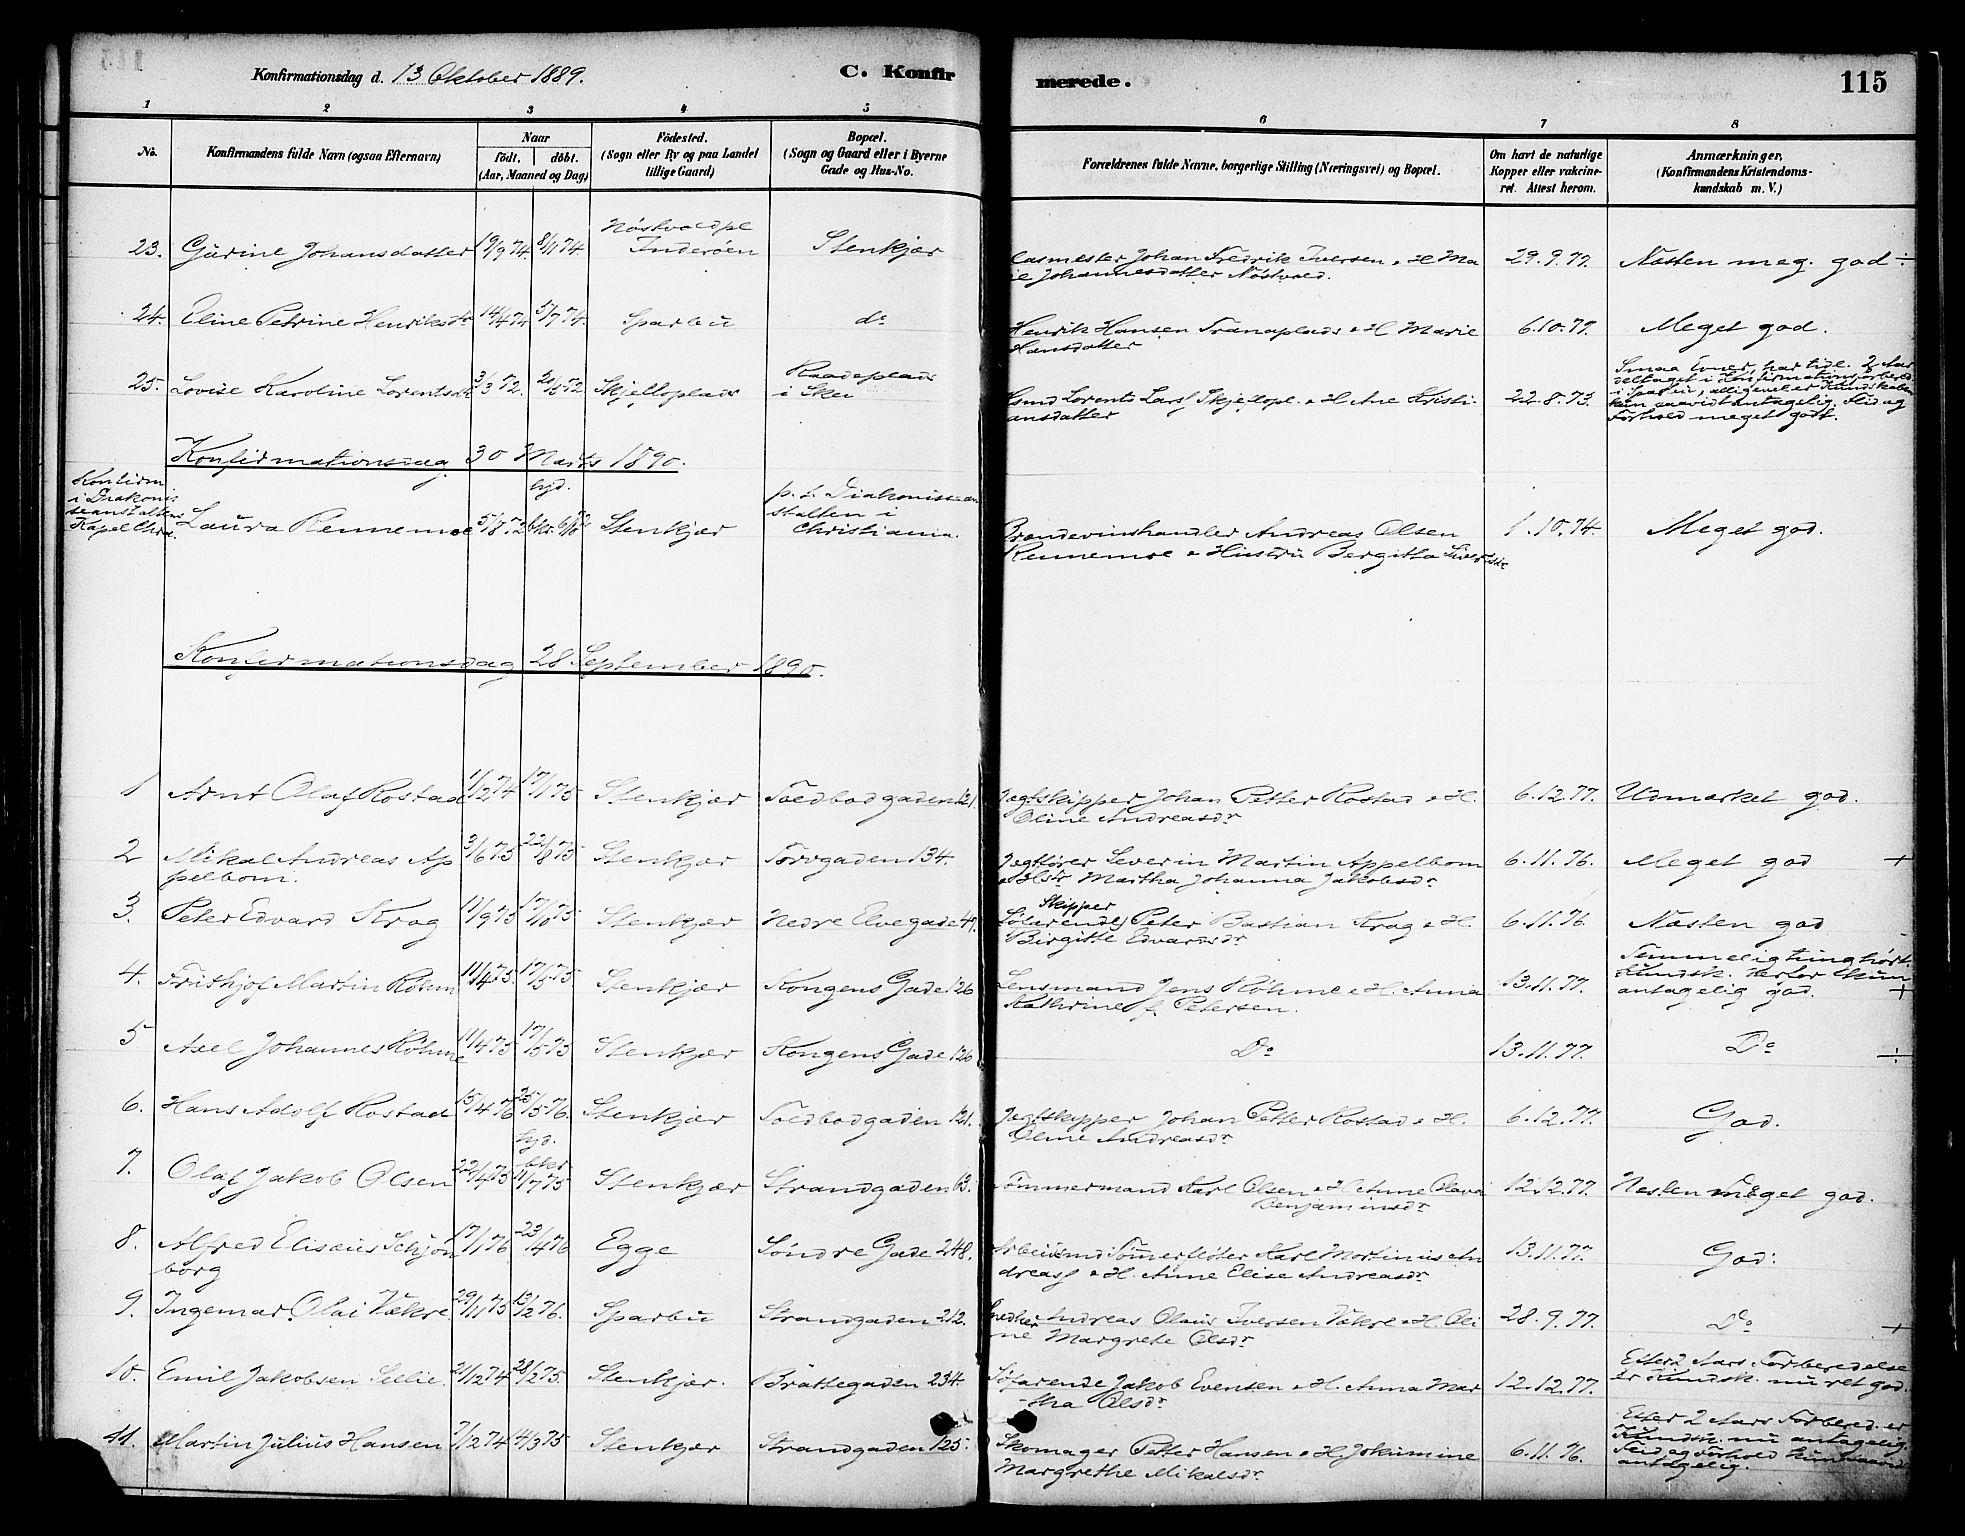 SAT, Ministerialprotokoller, klokkerbøker og fødselsregistre - Nord-Trøndelag, 739/L0371: Ministerialbok nr. 739A03, 1881-1895, s. 115